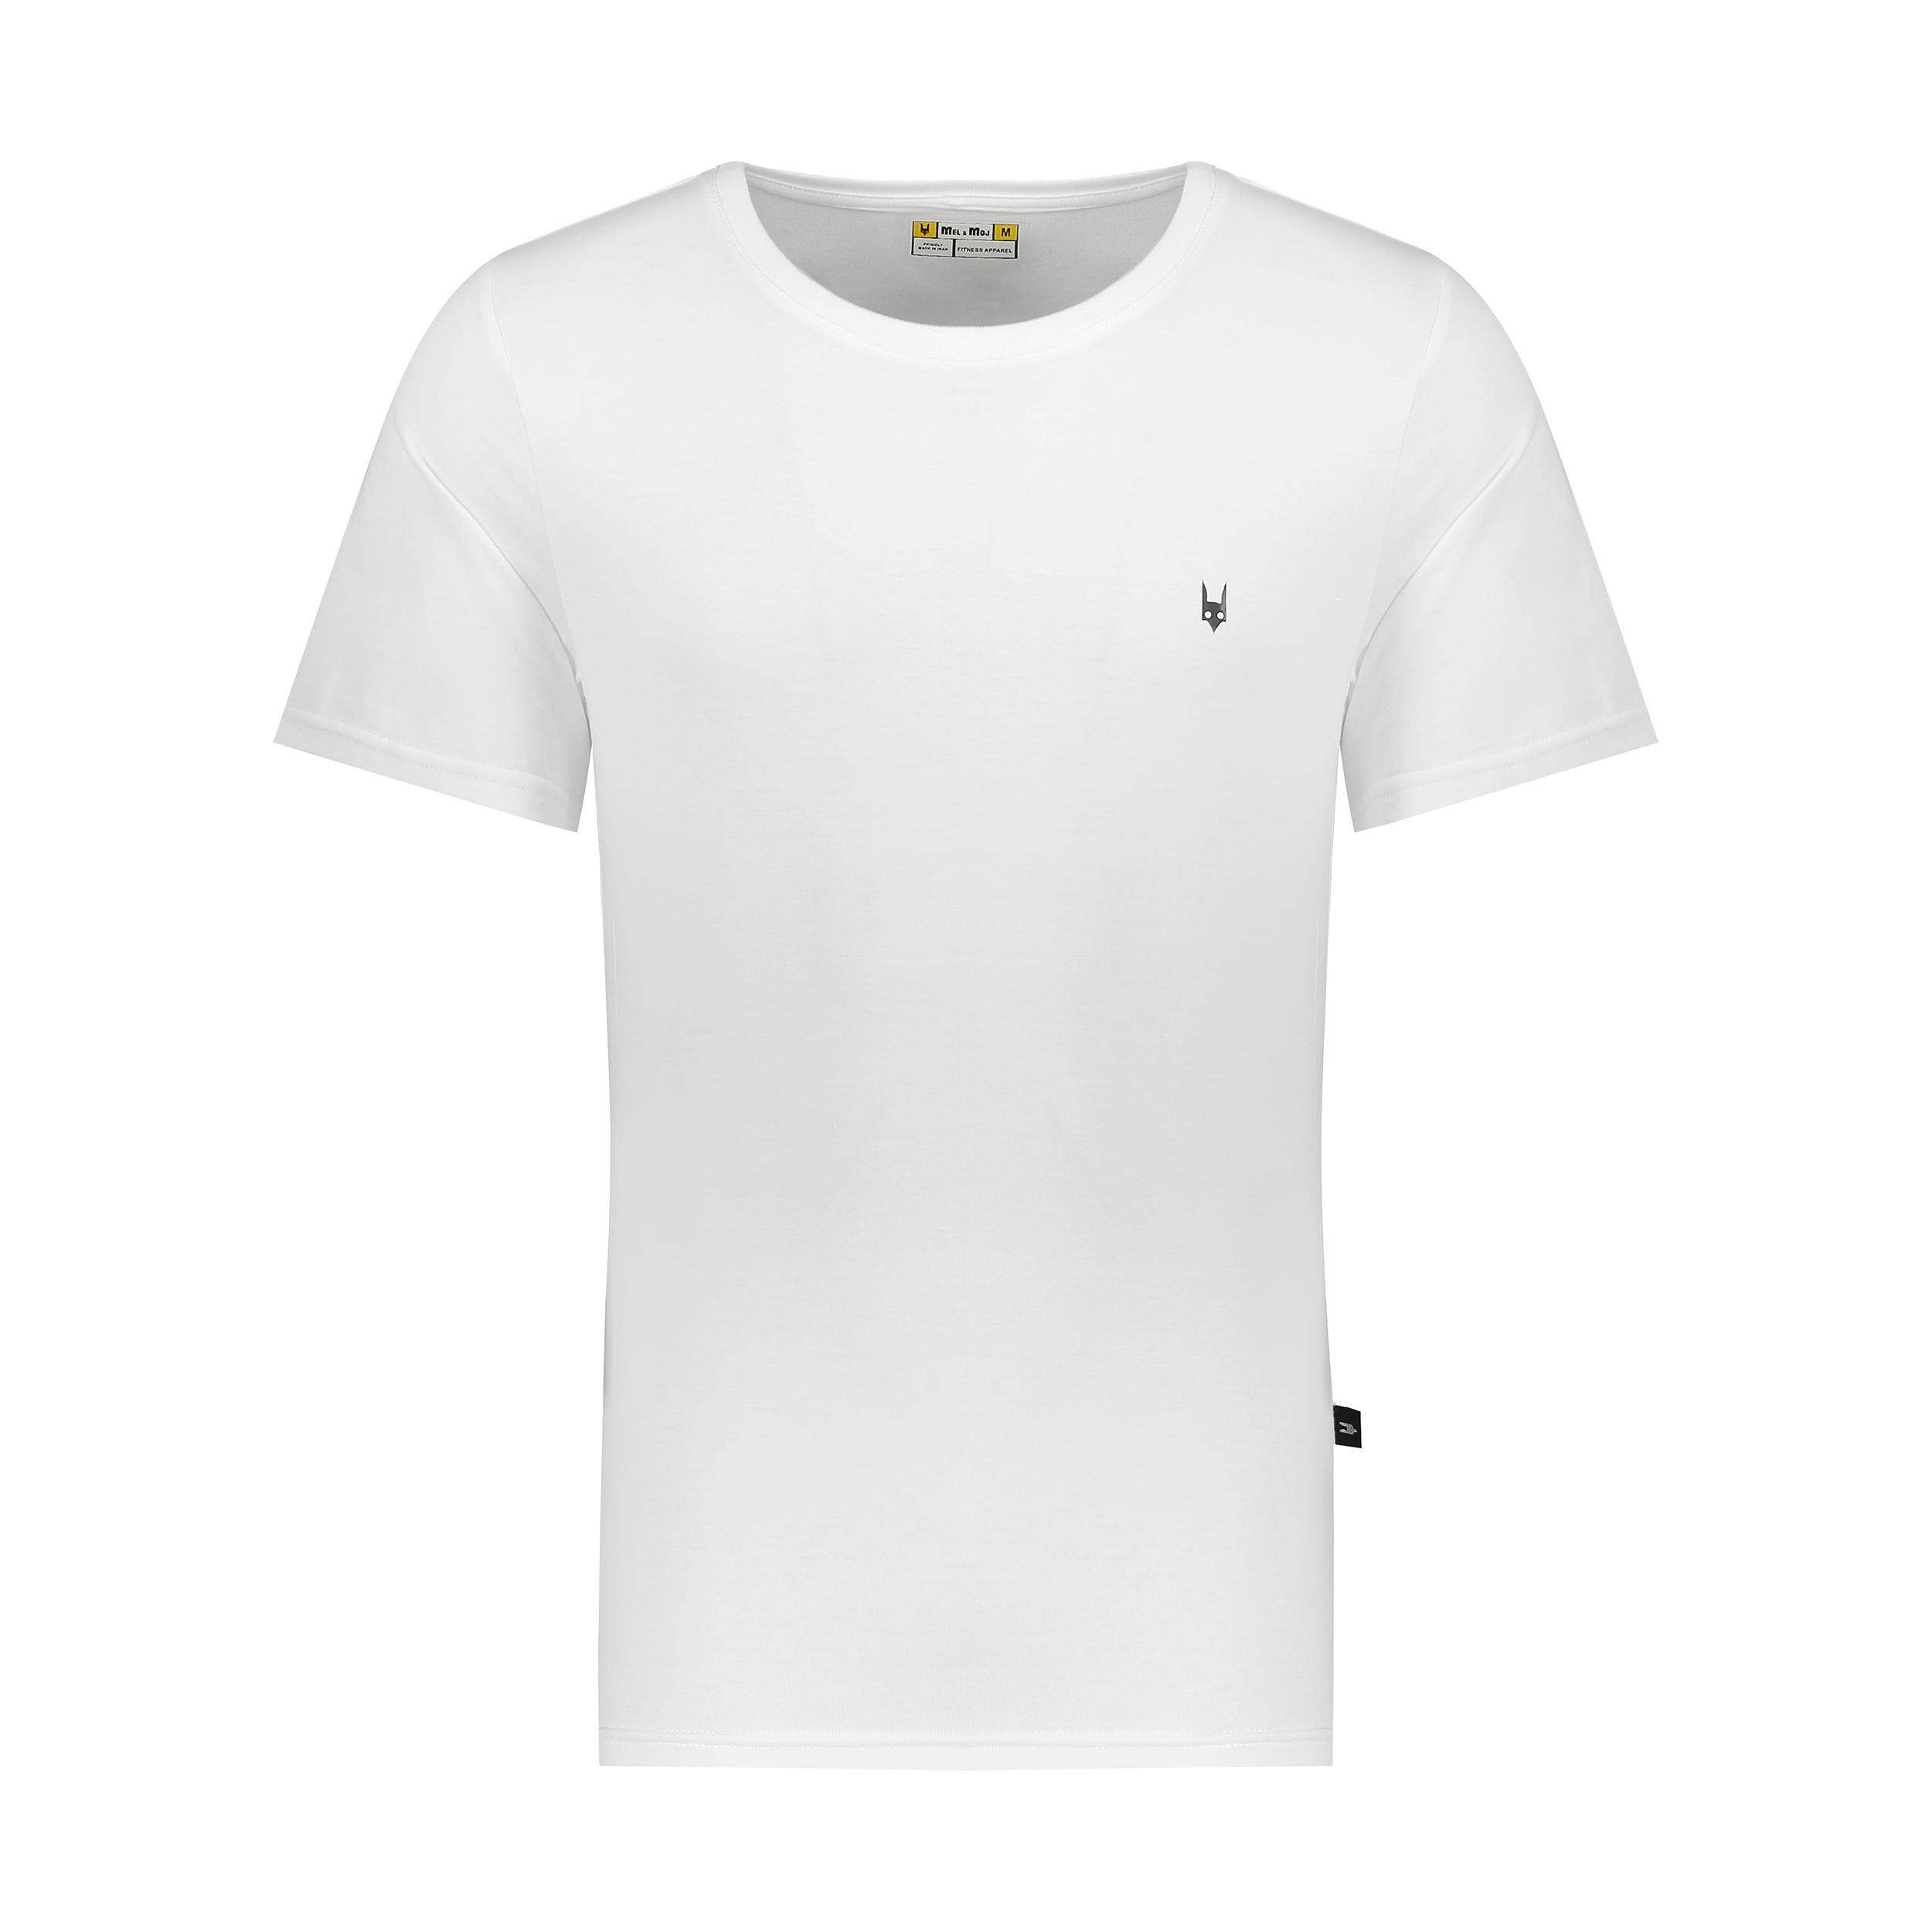 تی شرت ورزشی زنانه مل اند موژ مدل W06341-002